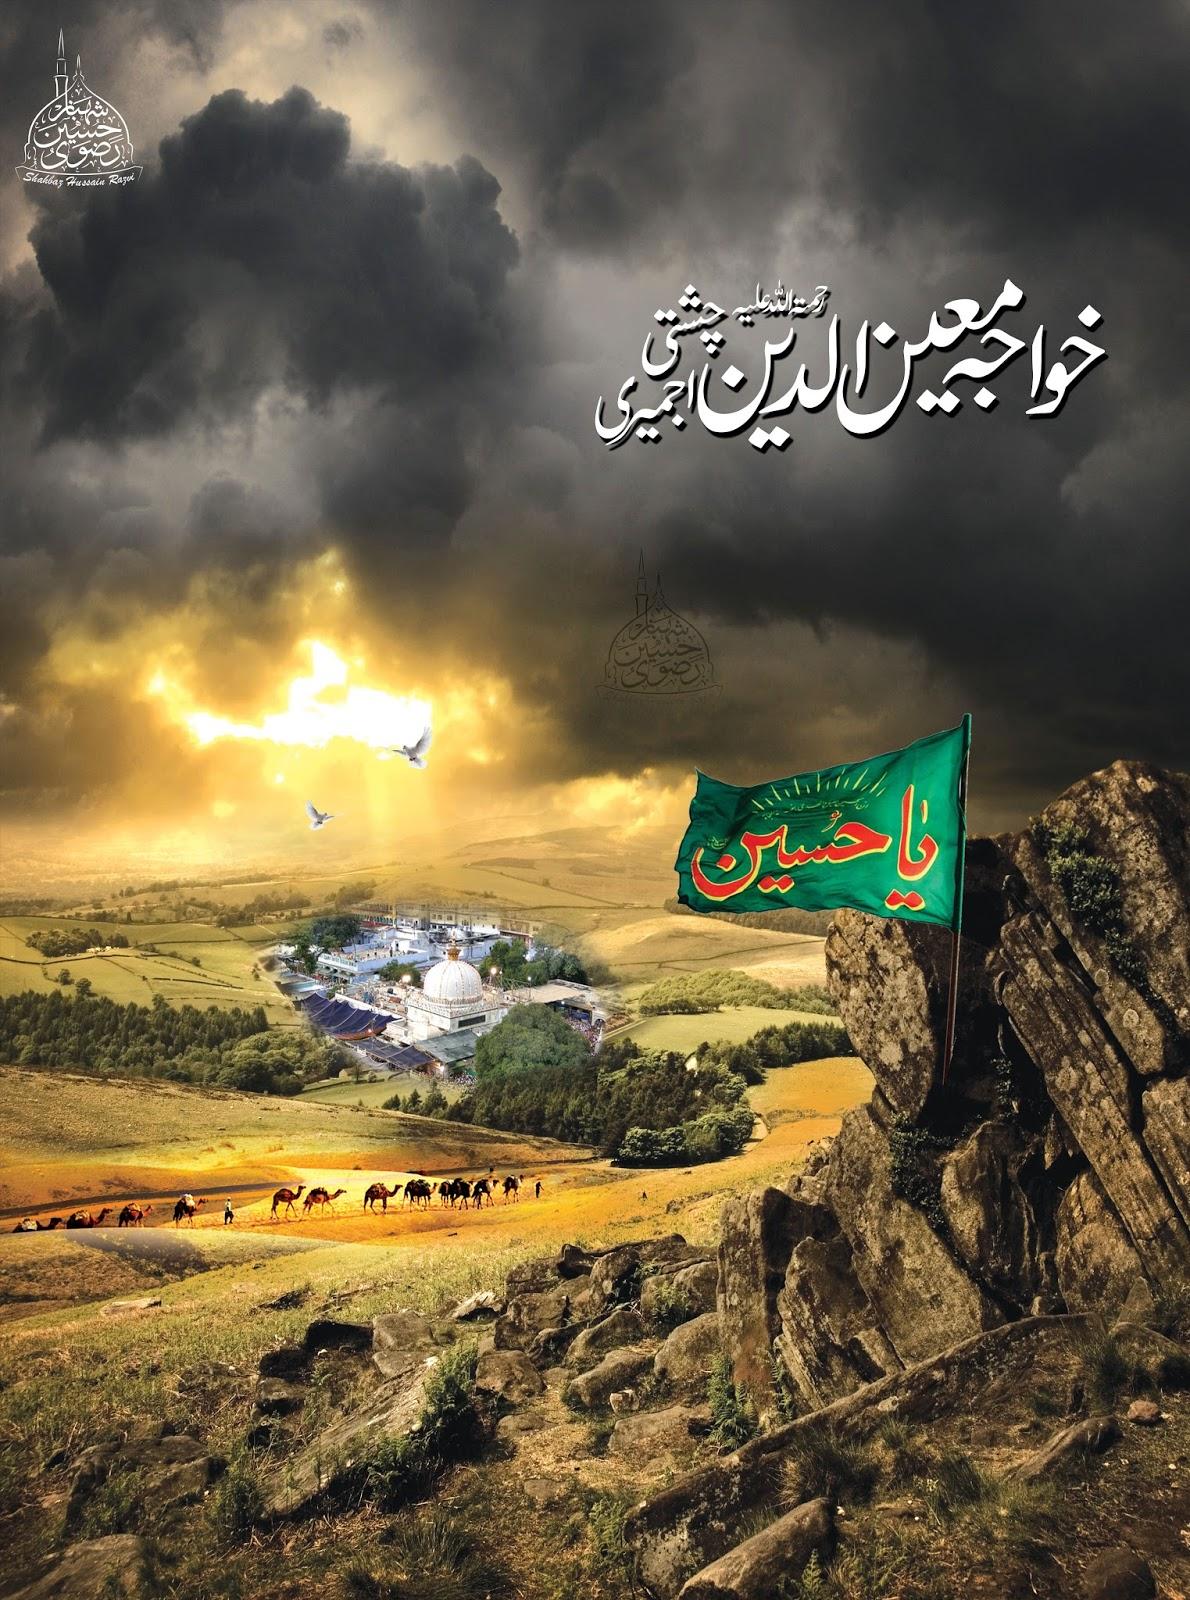 Khwaja Garib Nawaz Wallpaper Hd 2013 Islamic Vectors Urs Khwaja Garib Nawaz Wallpaper